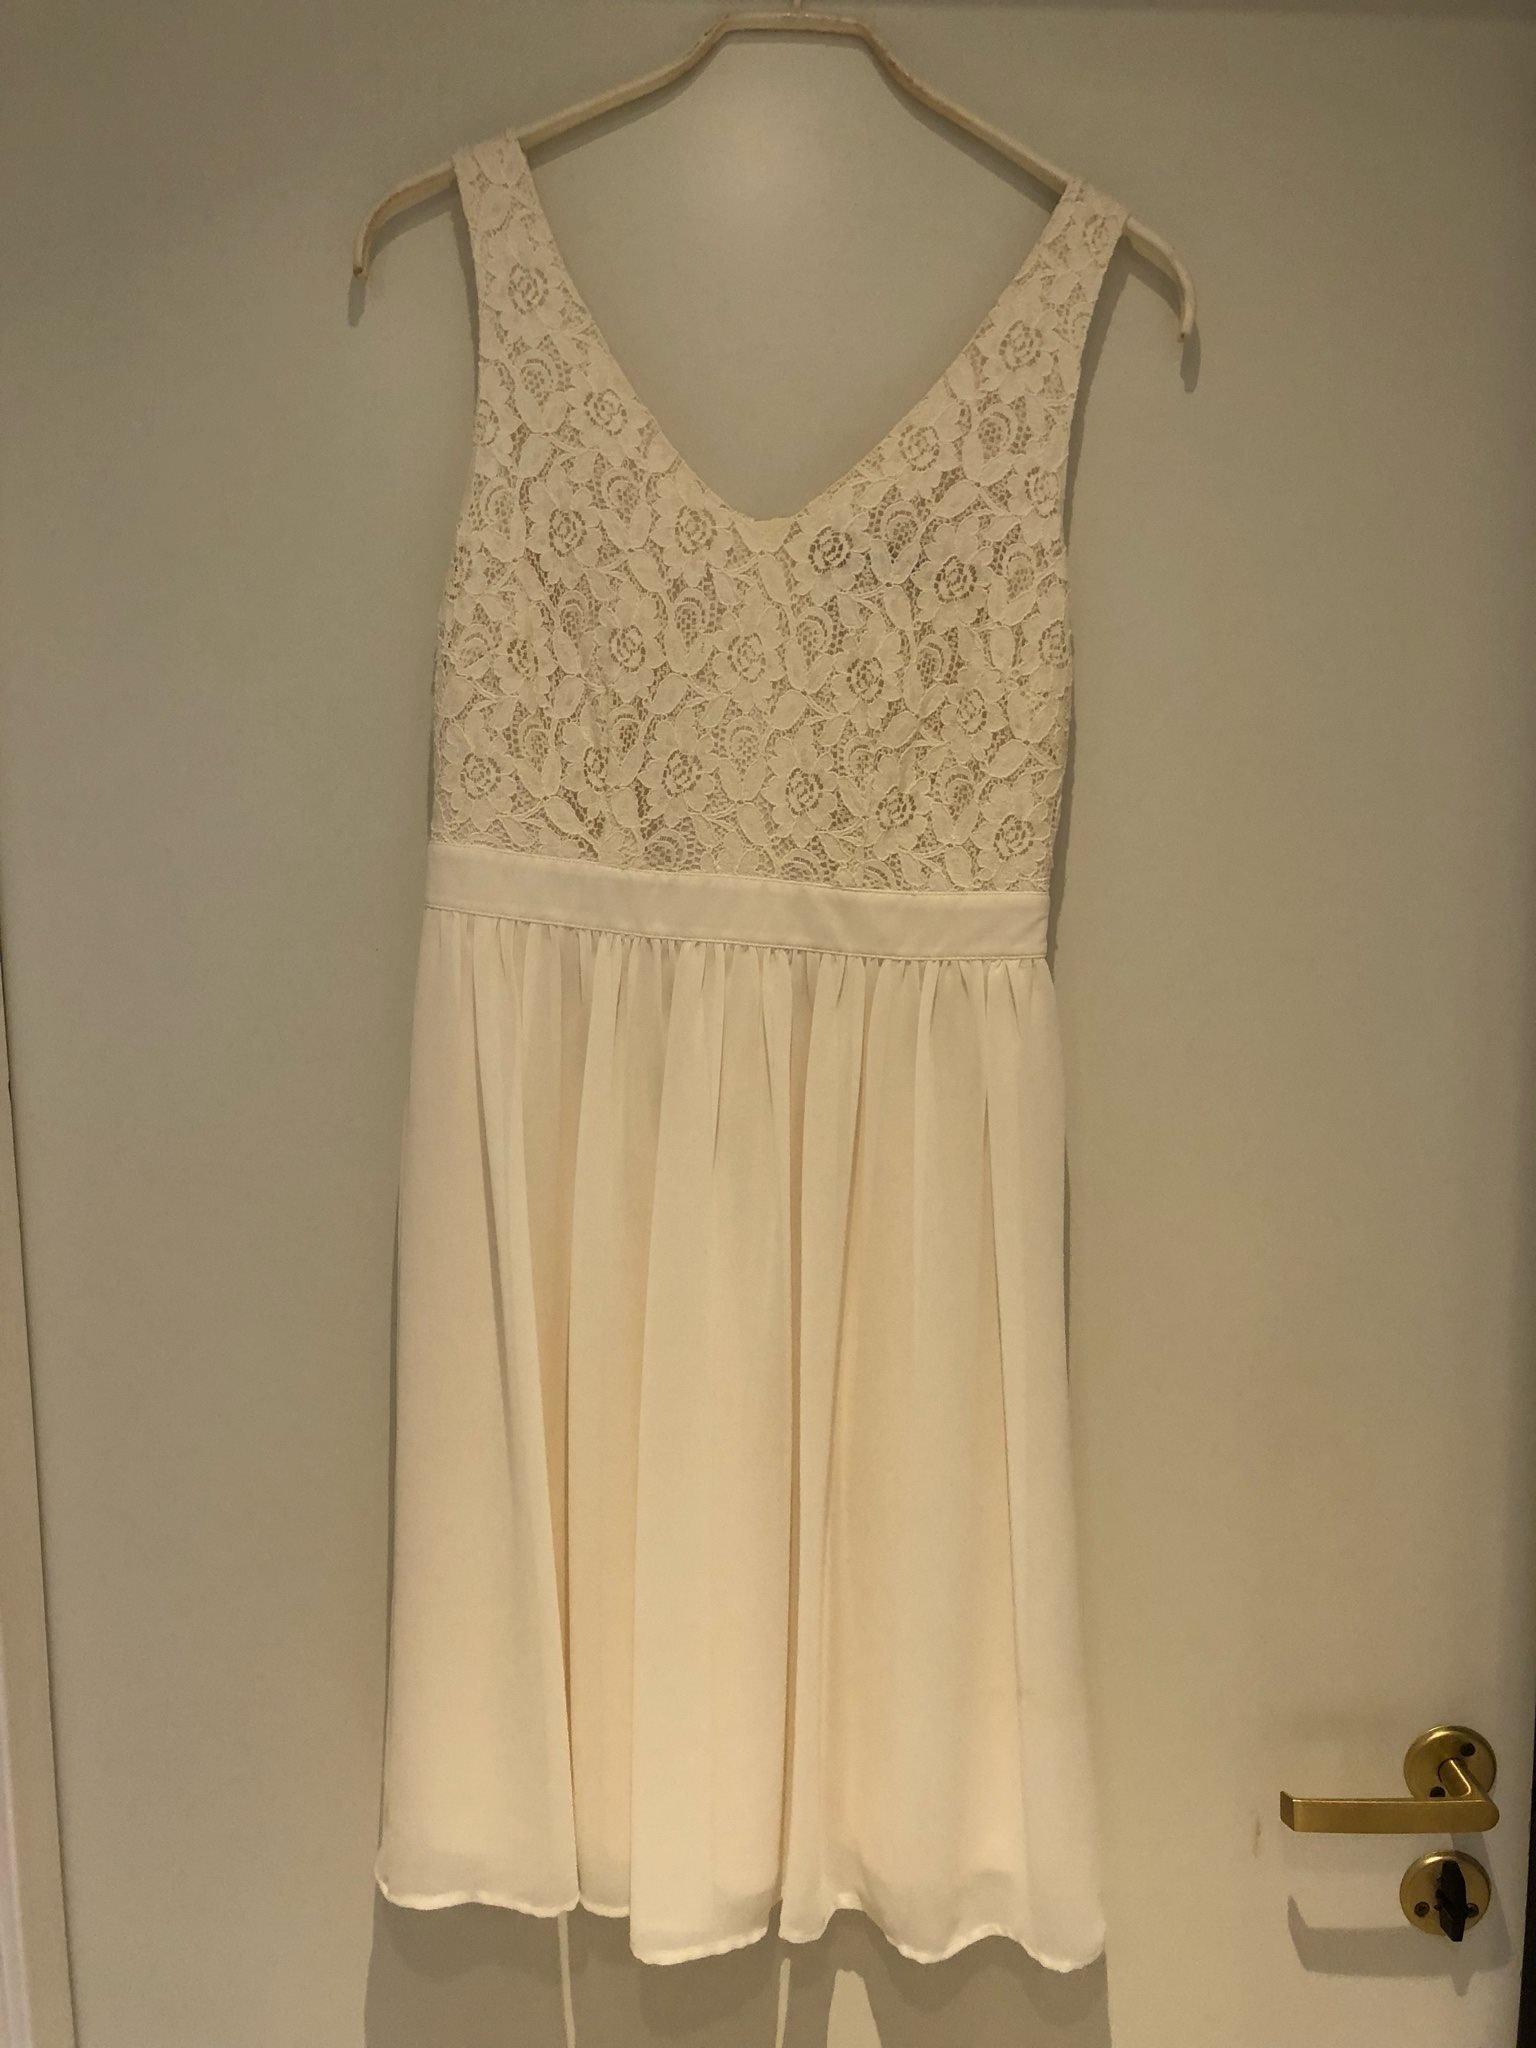 ea3dee72a227 Gräddvit klänning i spets (352532107) ᐈ Köp på Tradera